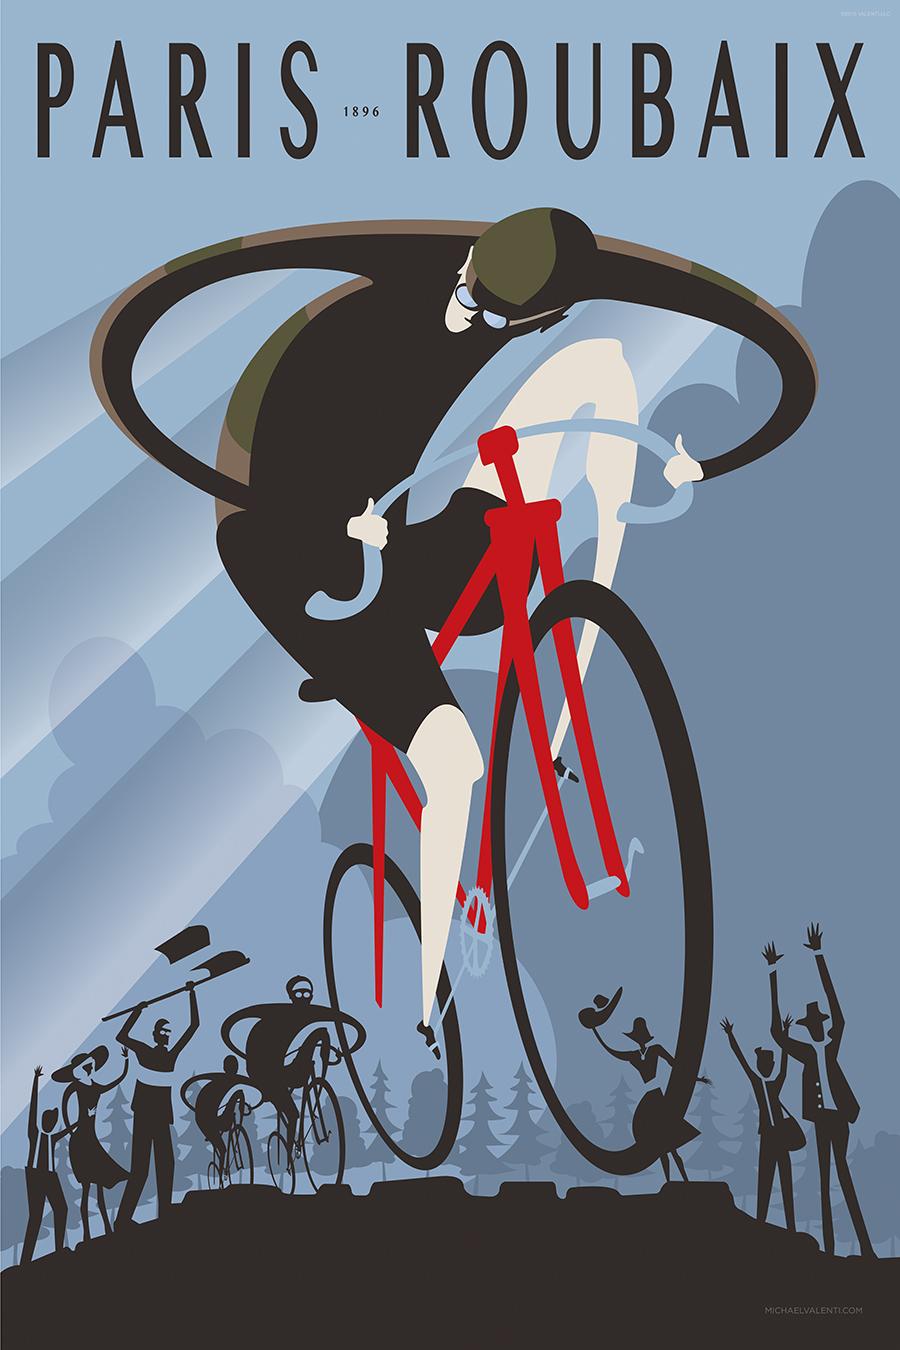 Paris Roubaix 1896_900 copy.jpg